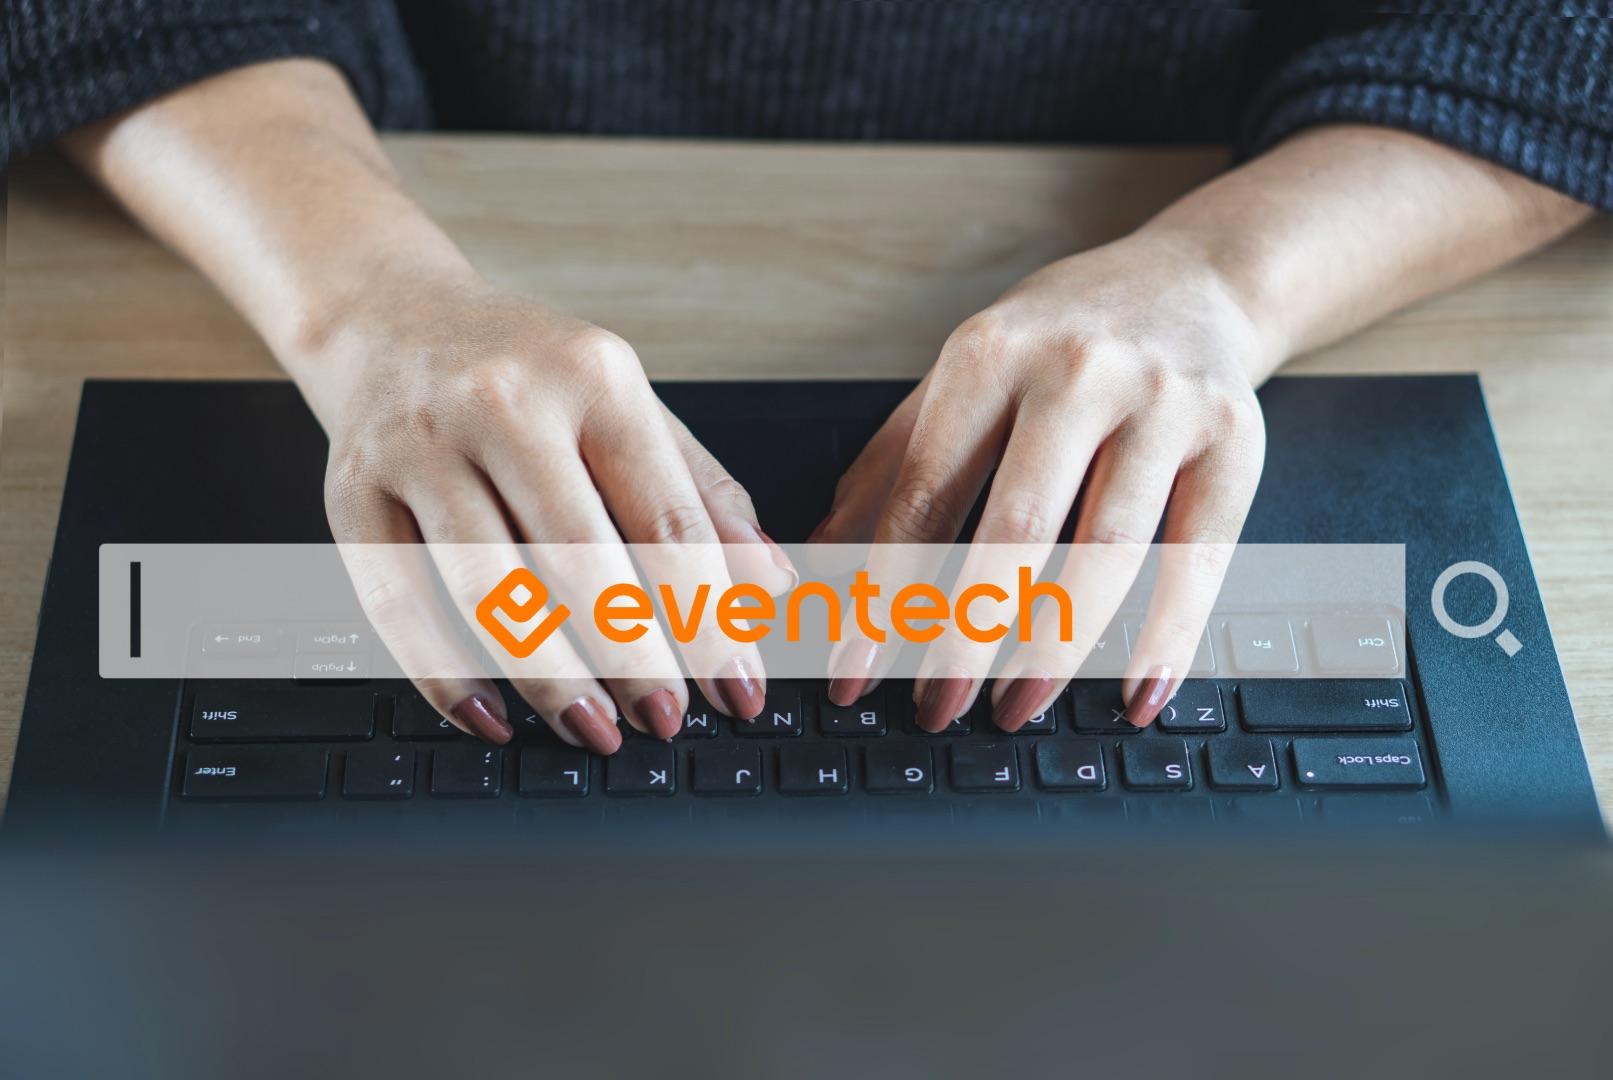 eventosはeventechの力でコロナウイルスでのイベント中止を回避します!